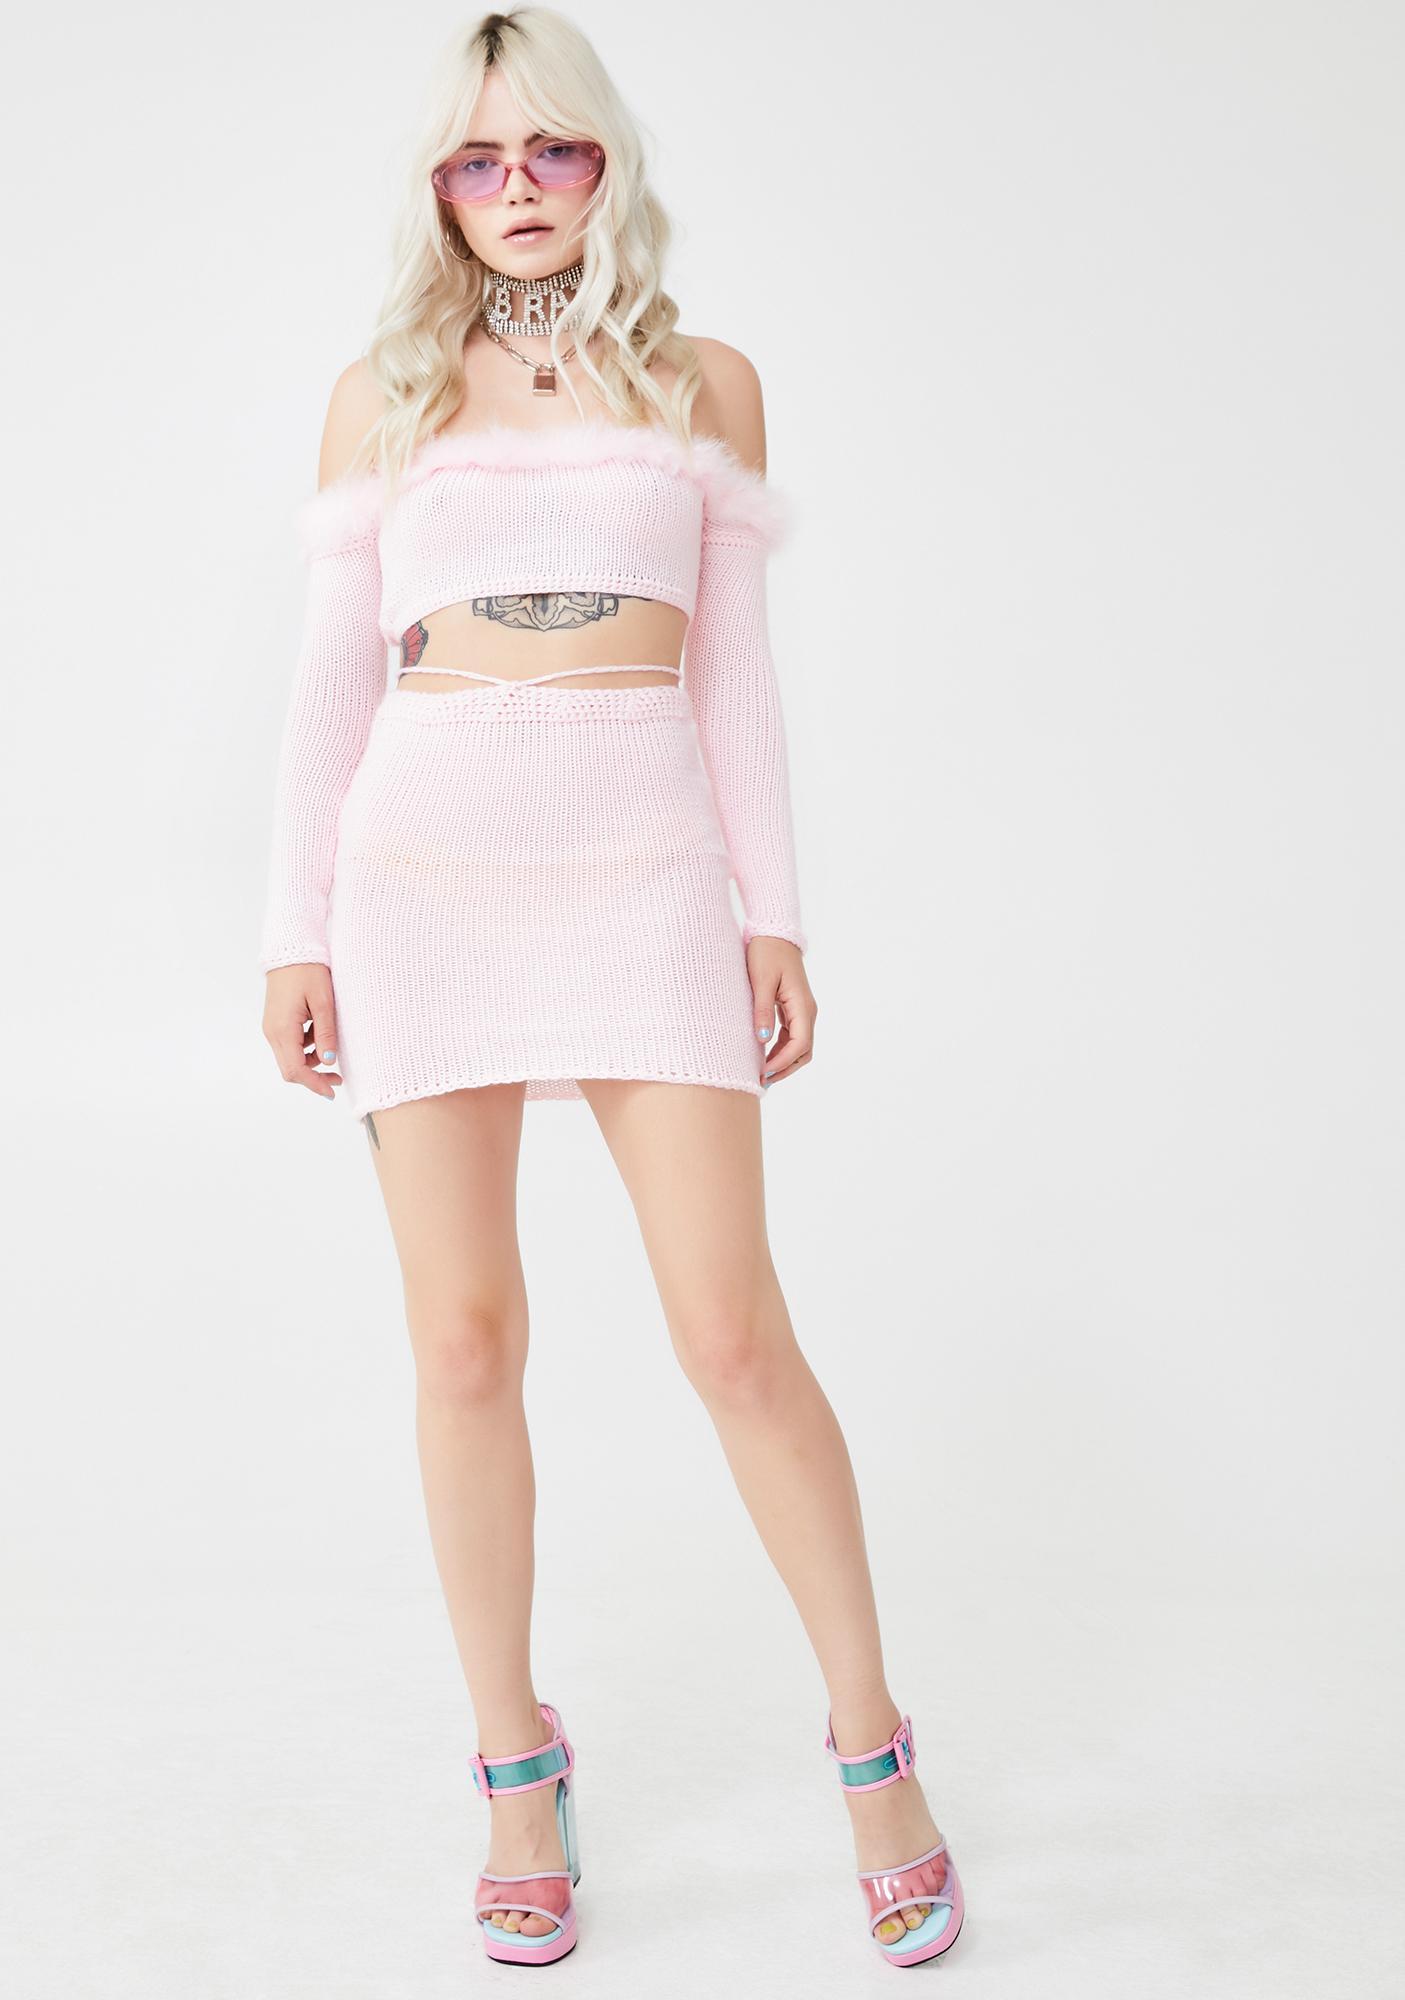 JBD Apparel Party Kitten Skirt Set